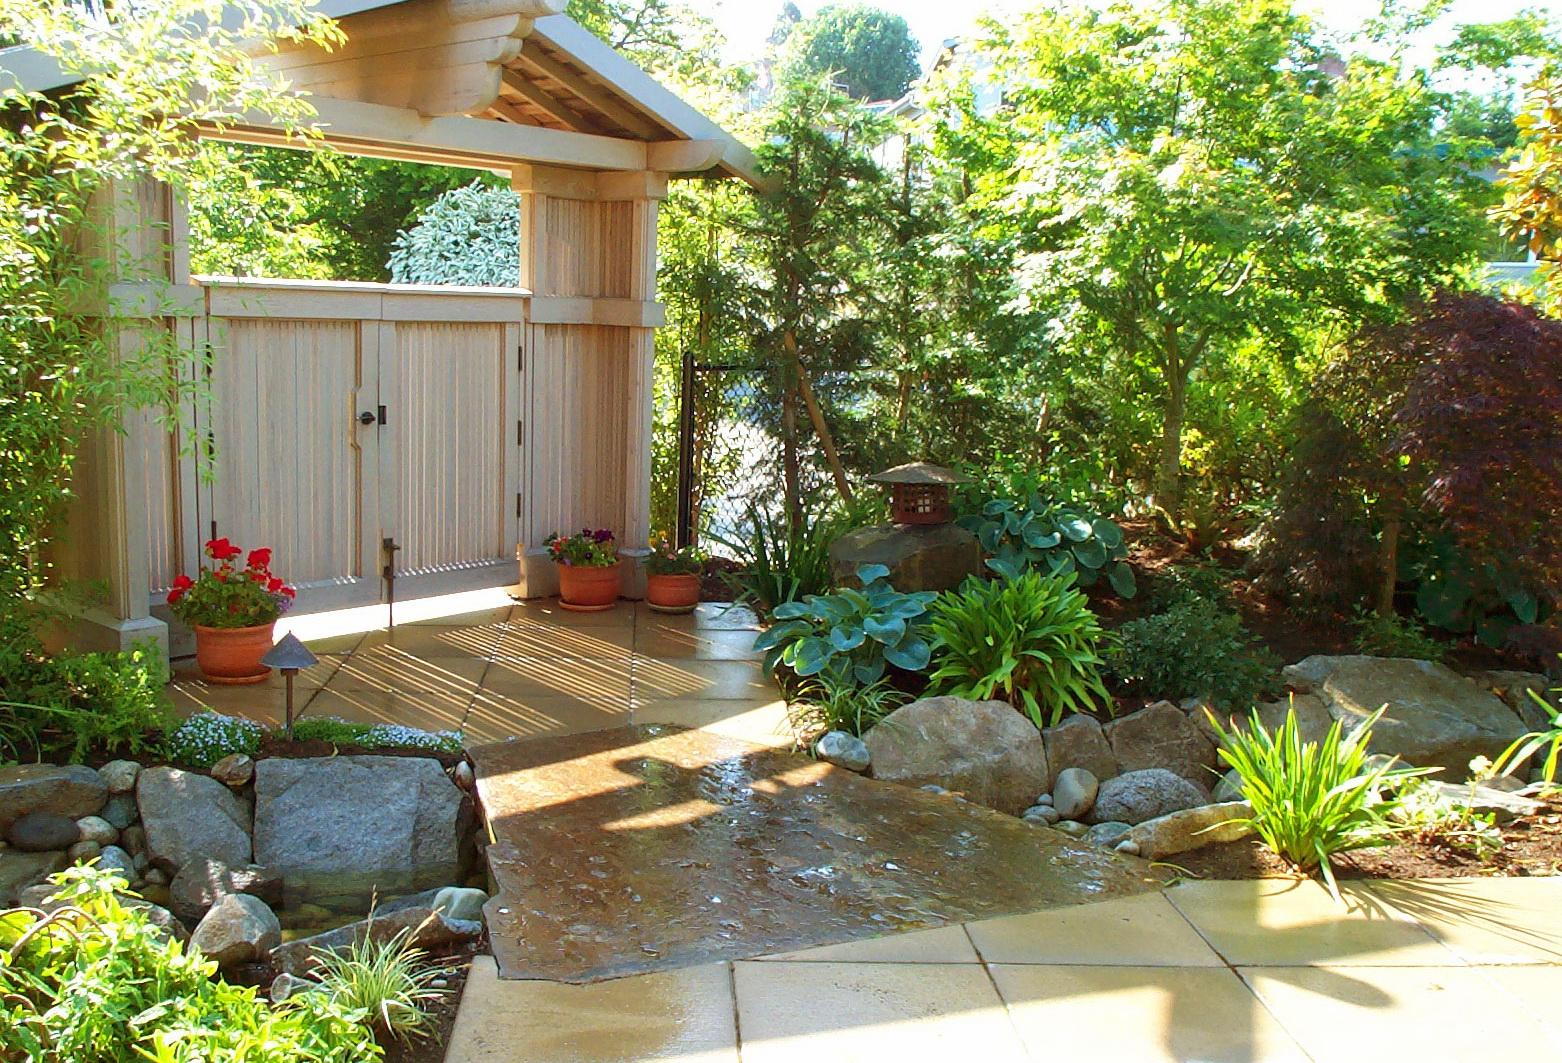 дизайн сада огорода в частном доме